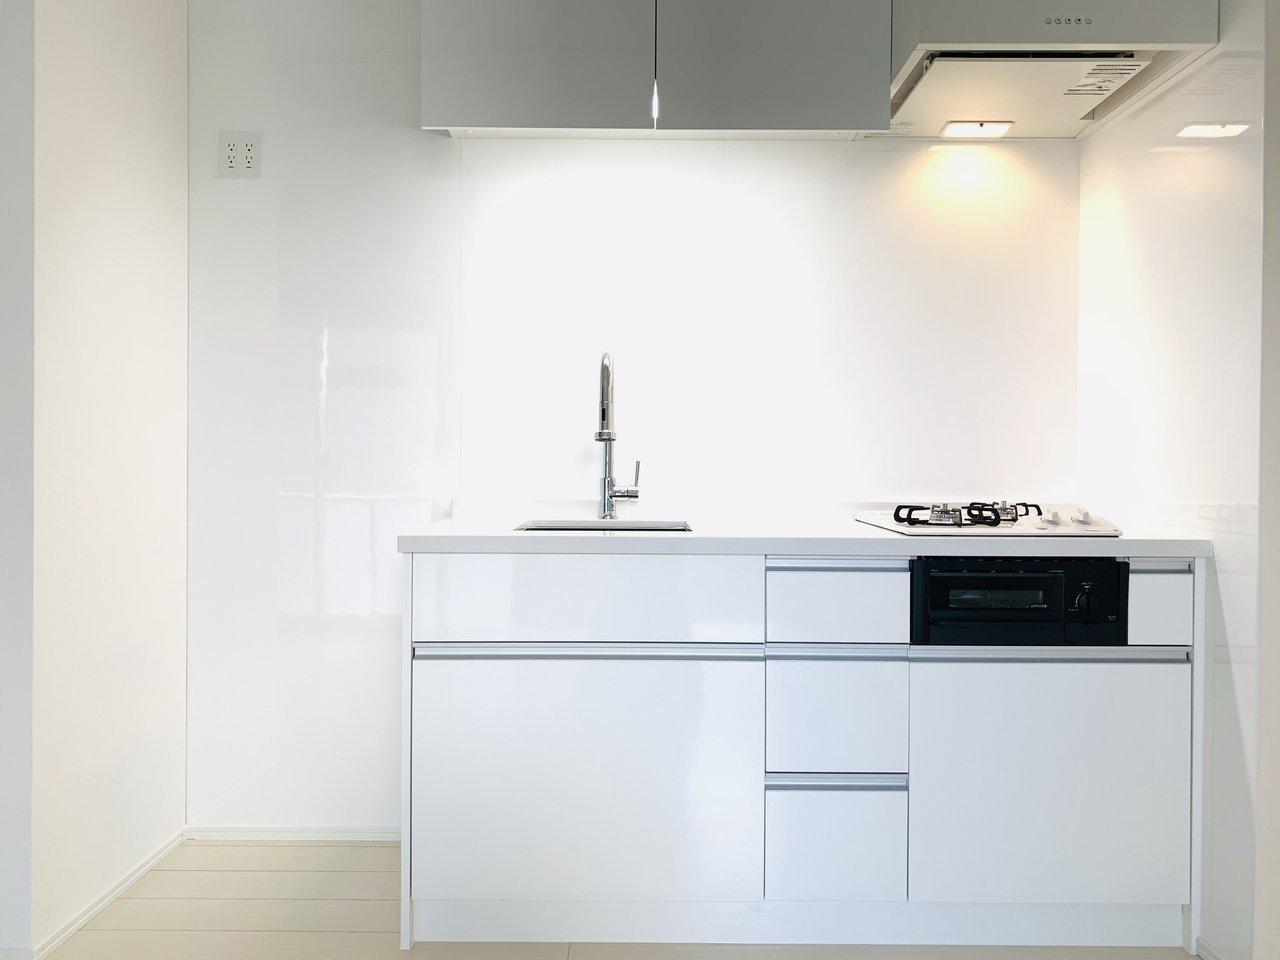 びっくり!キッチンが登場します。寝るときなどには閉め切ってしまえば、生活感を感じずにリラックスした空間でゆっくり過ごせますね。